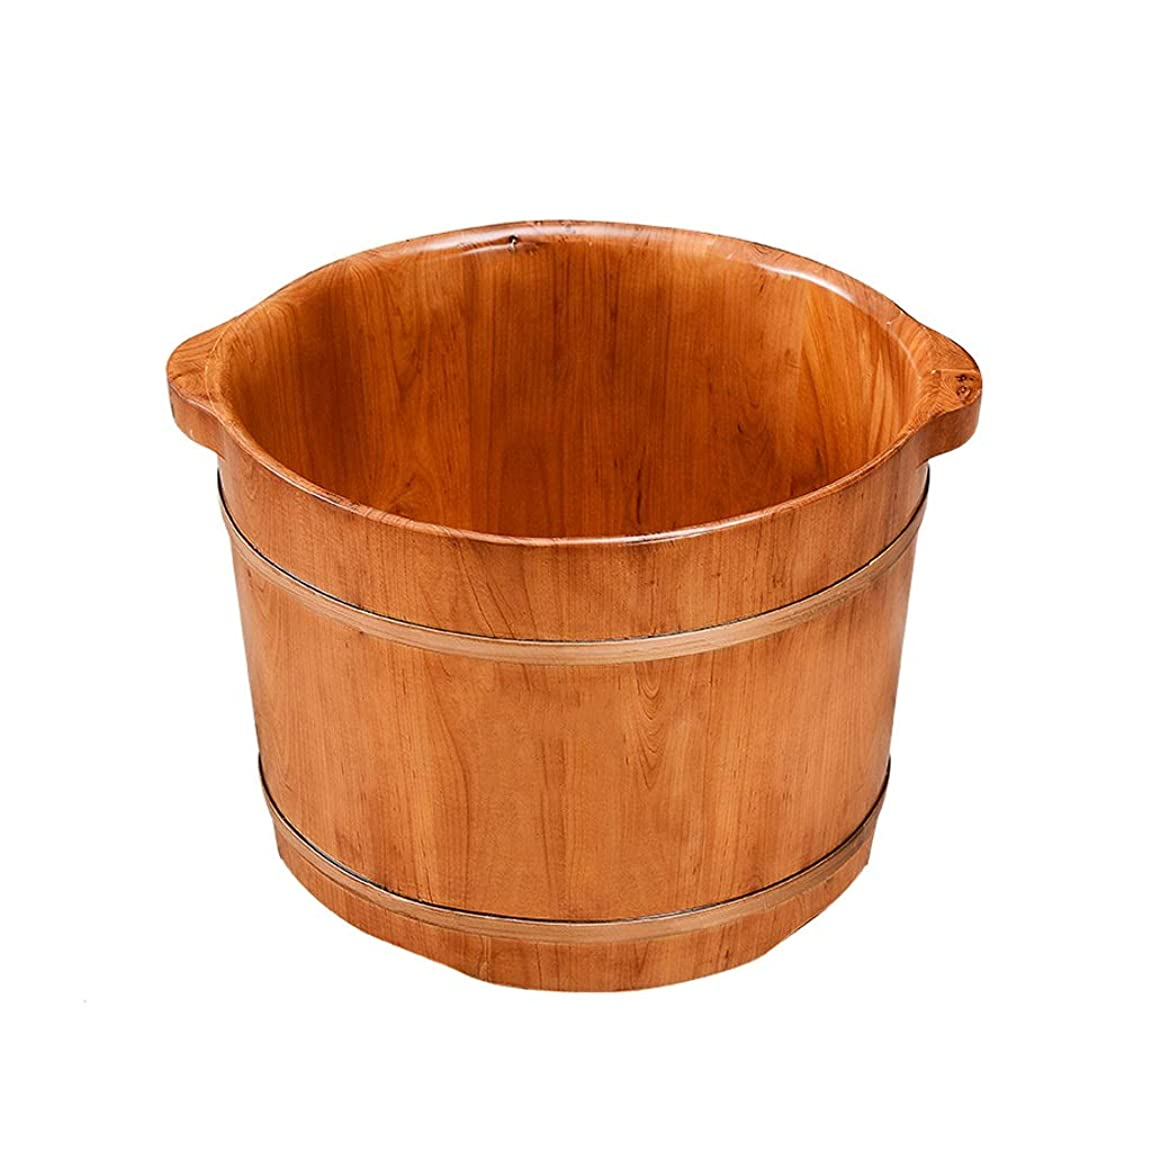 絵アセリボンWei Jun フットバスバレル、フットバスバレルフット浴槽小バブルフットバレル木製フット盆地指圧マッサージ浴槽ホームアーティファクト /-/ (Size : 27cm)